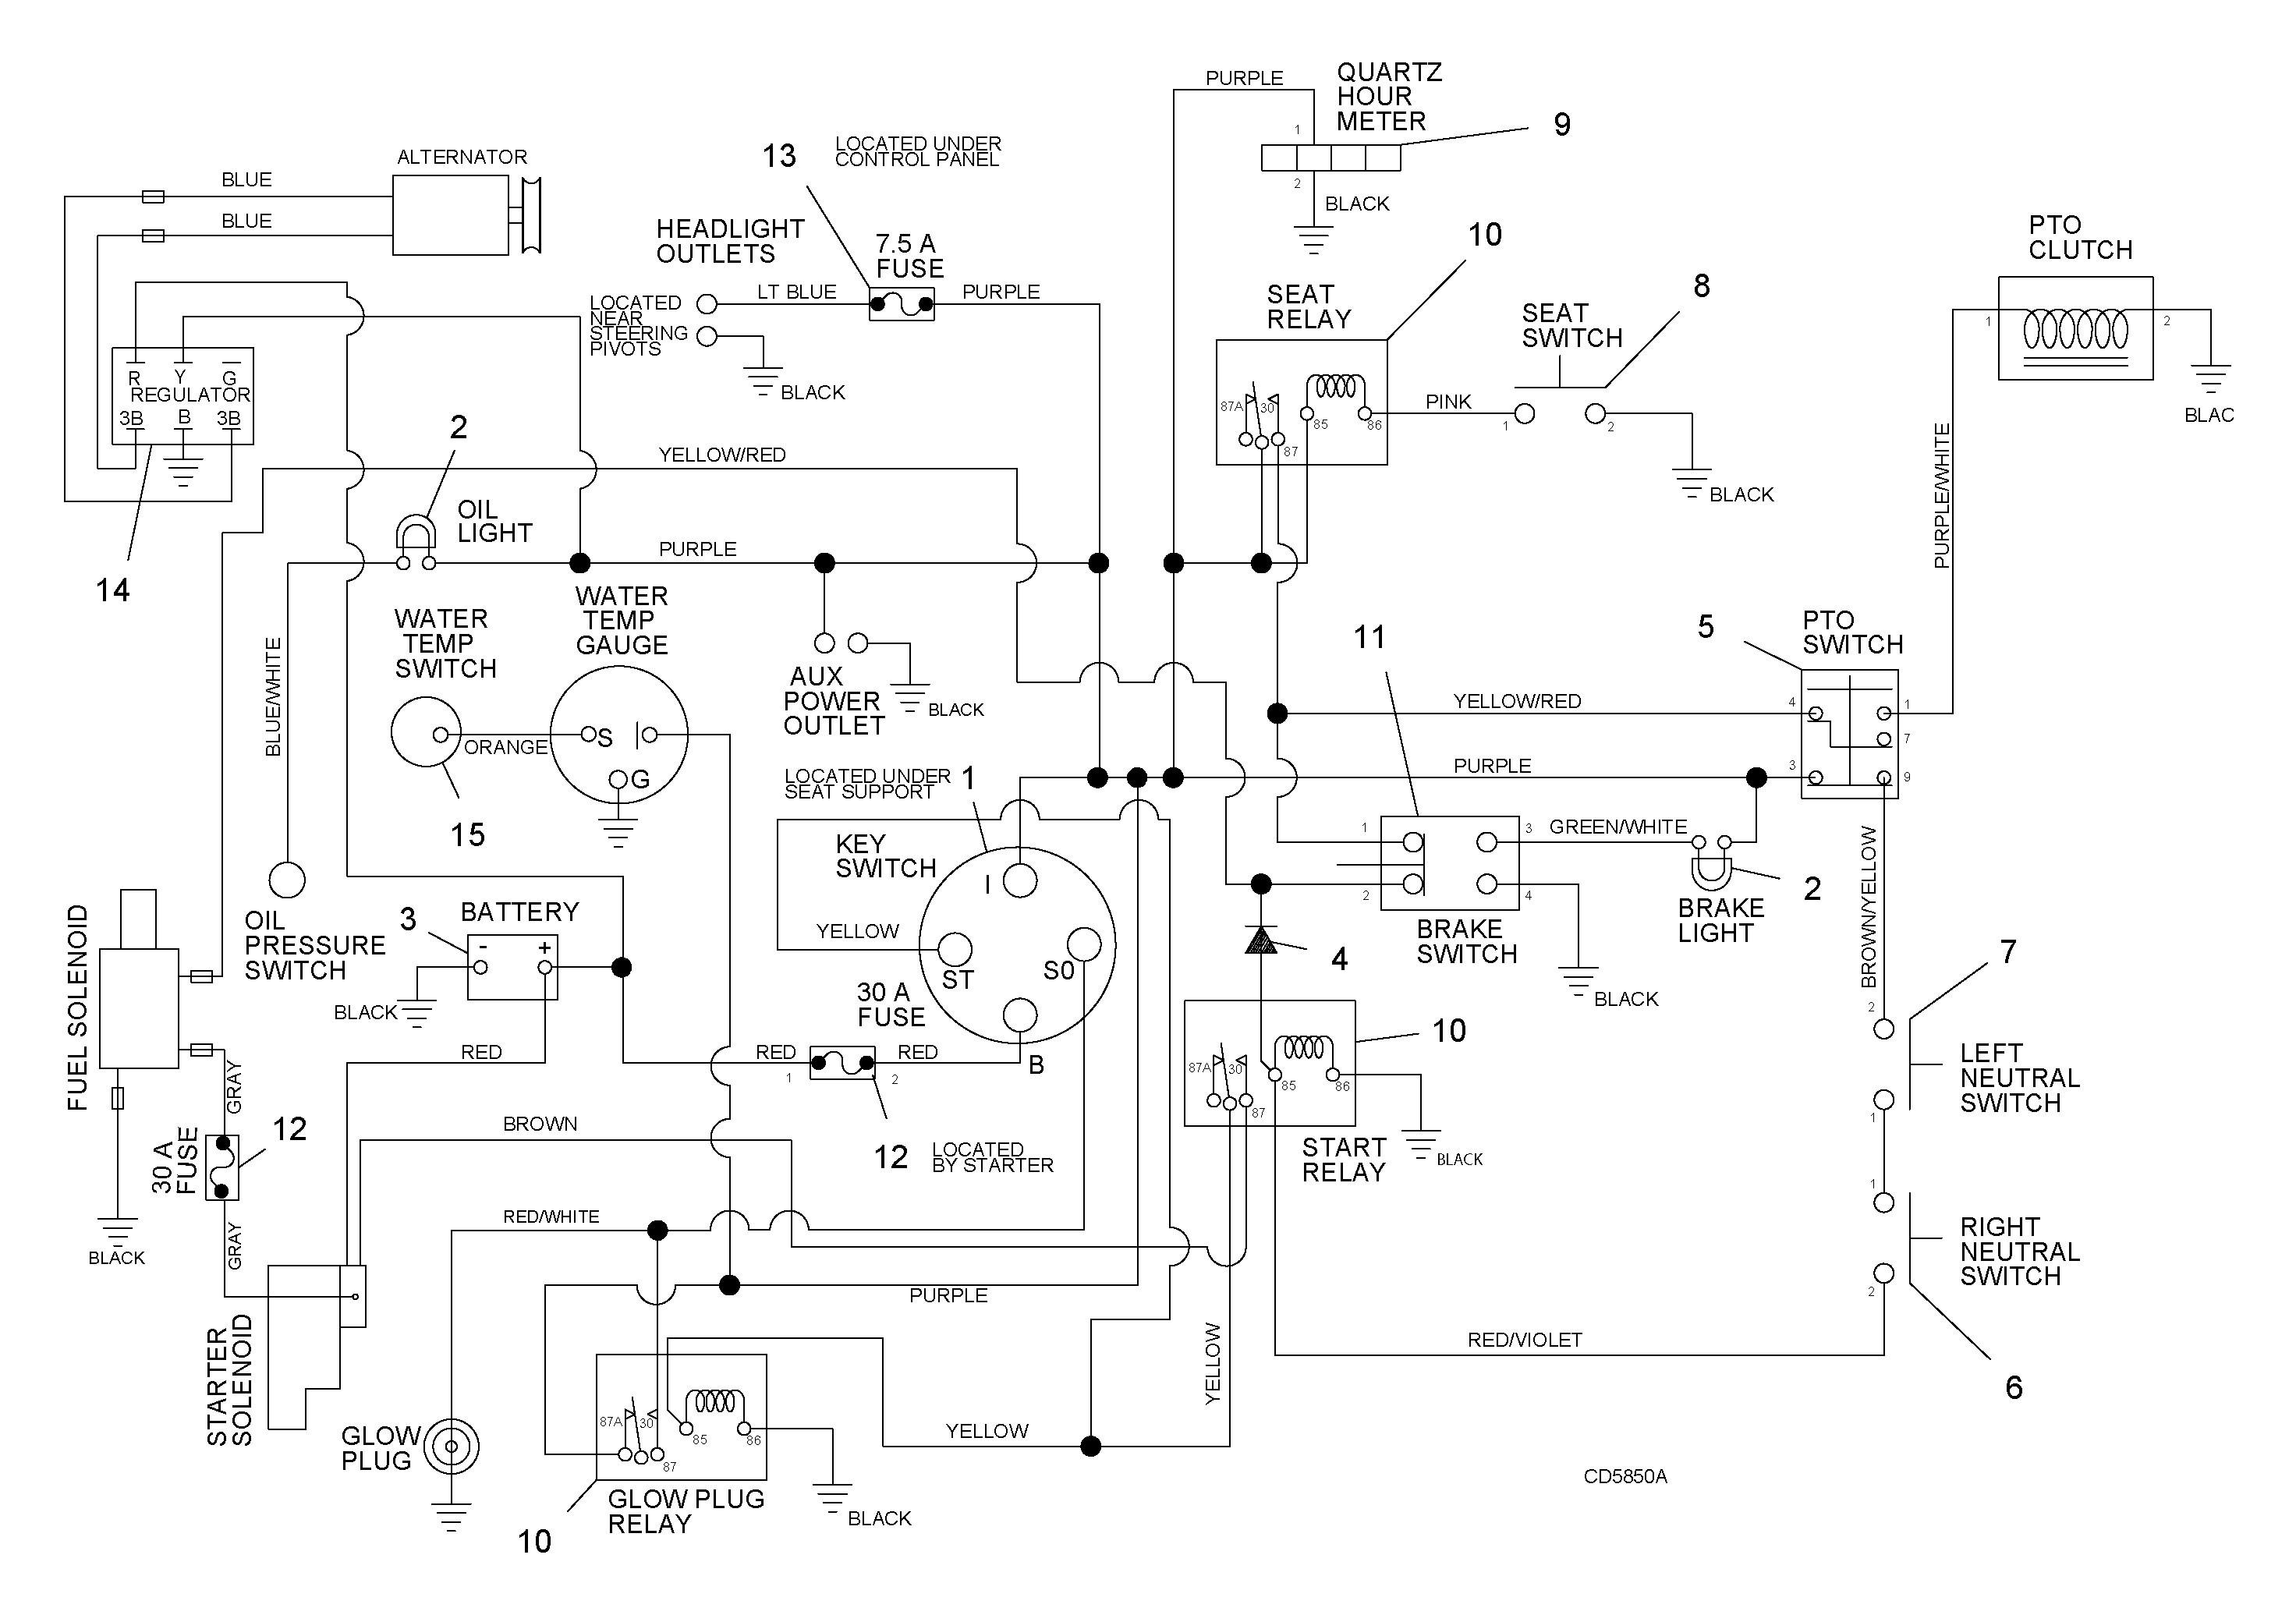 Wiring Diagram Pdf - Data Wiring Diagram Detailed - Usb Wiring Diagram Pdf